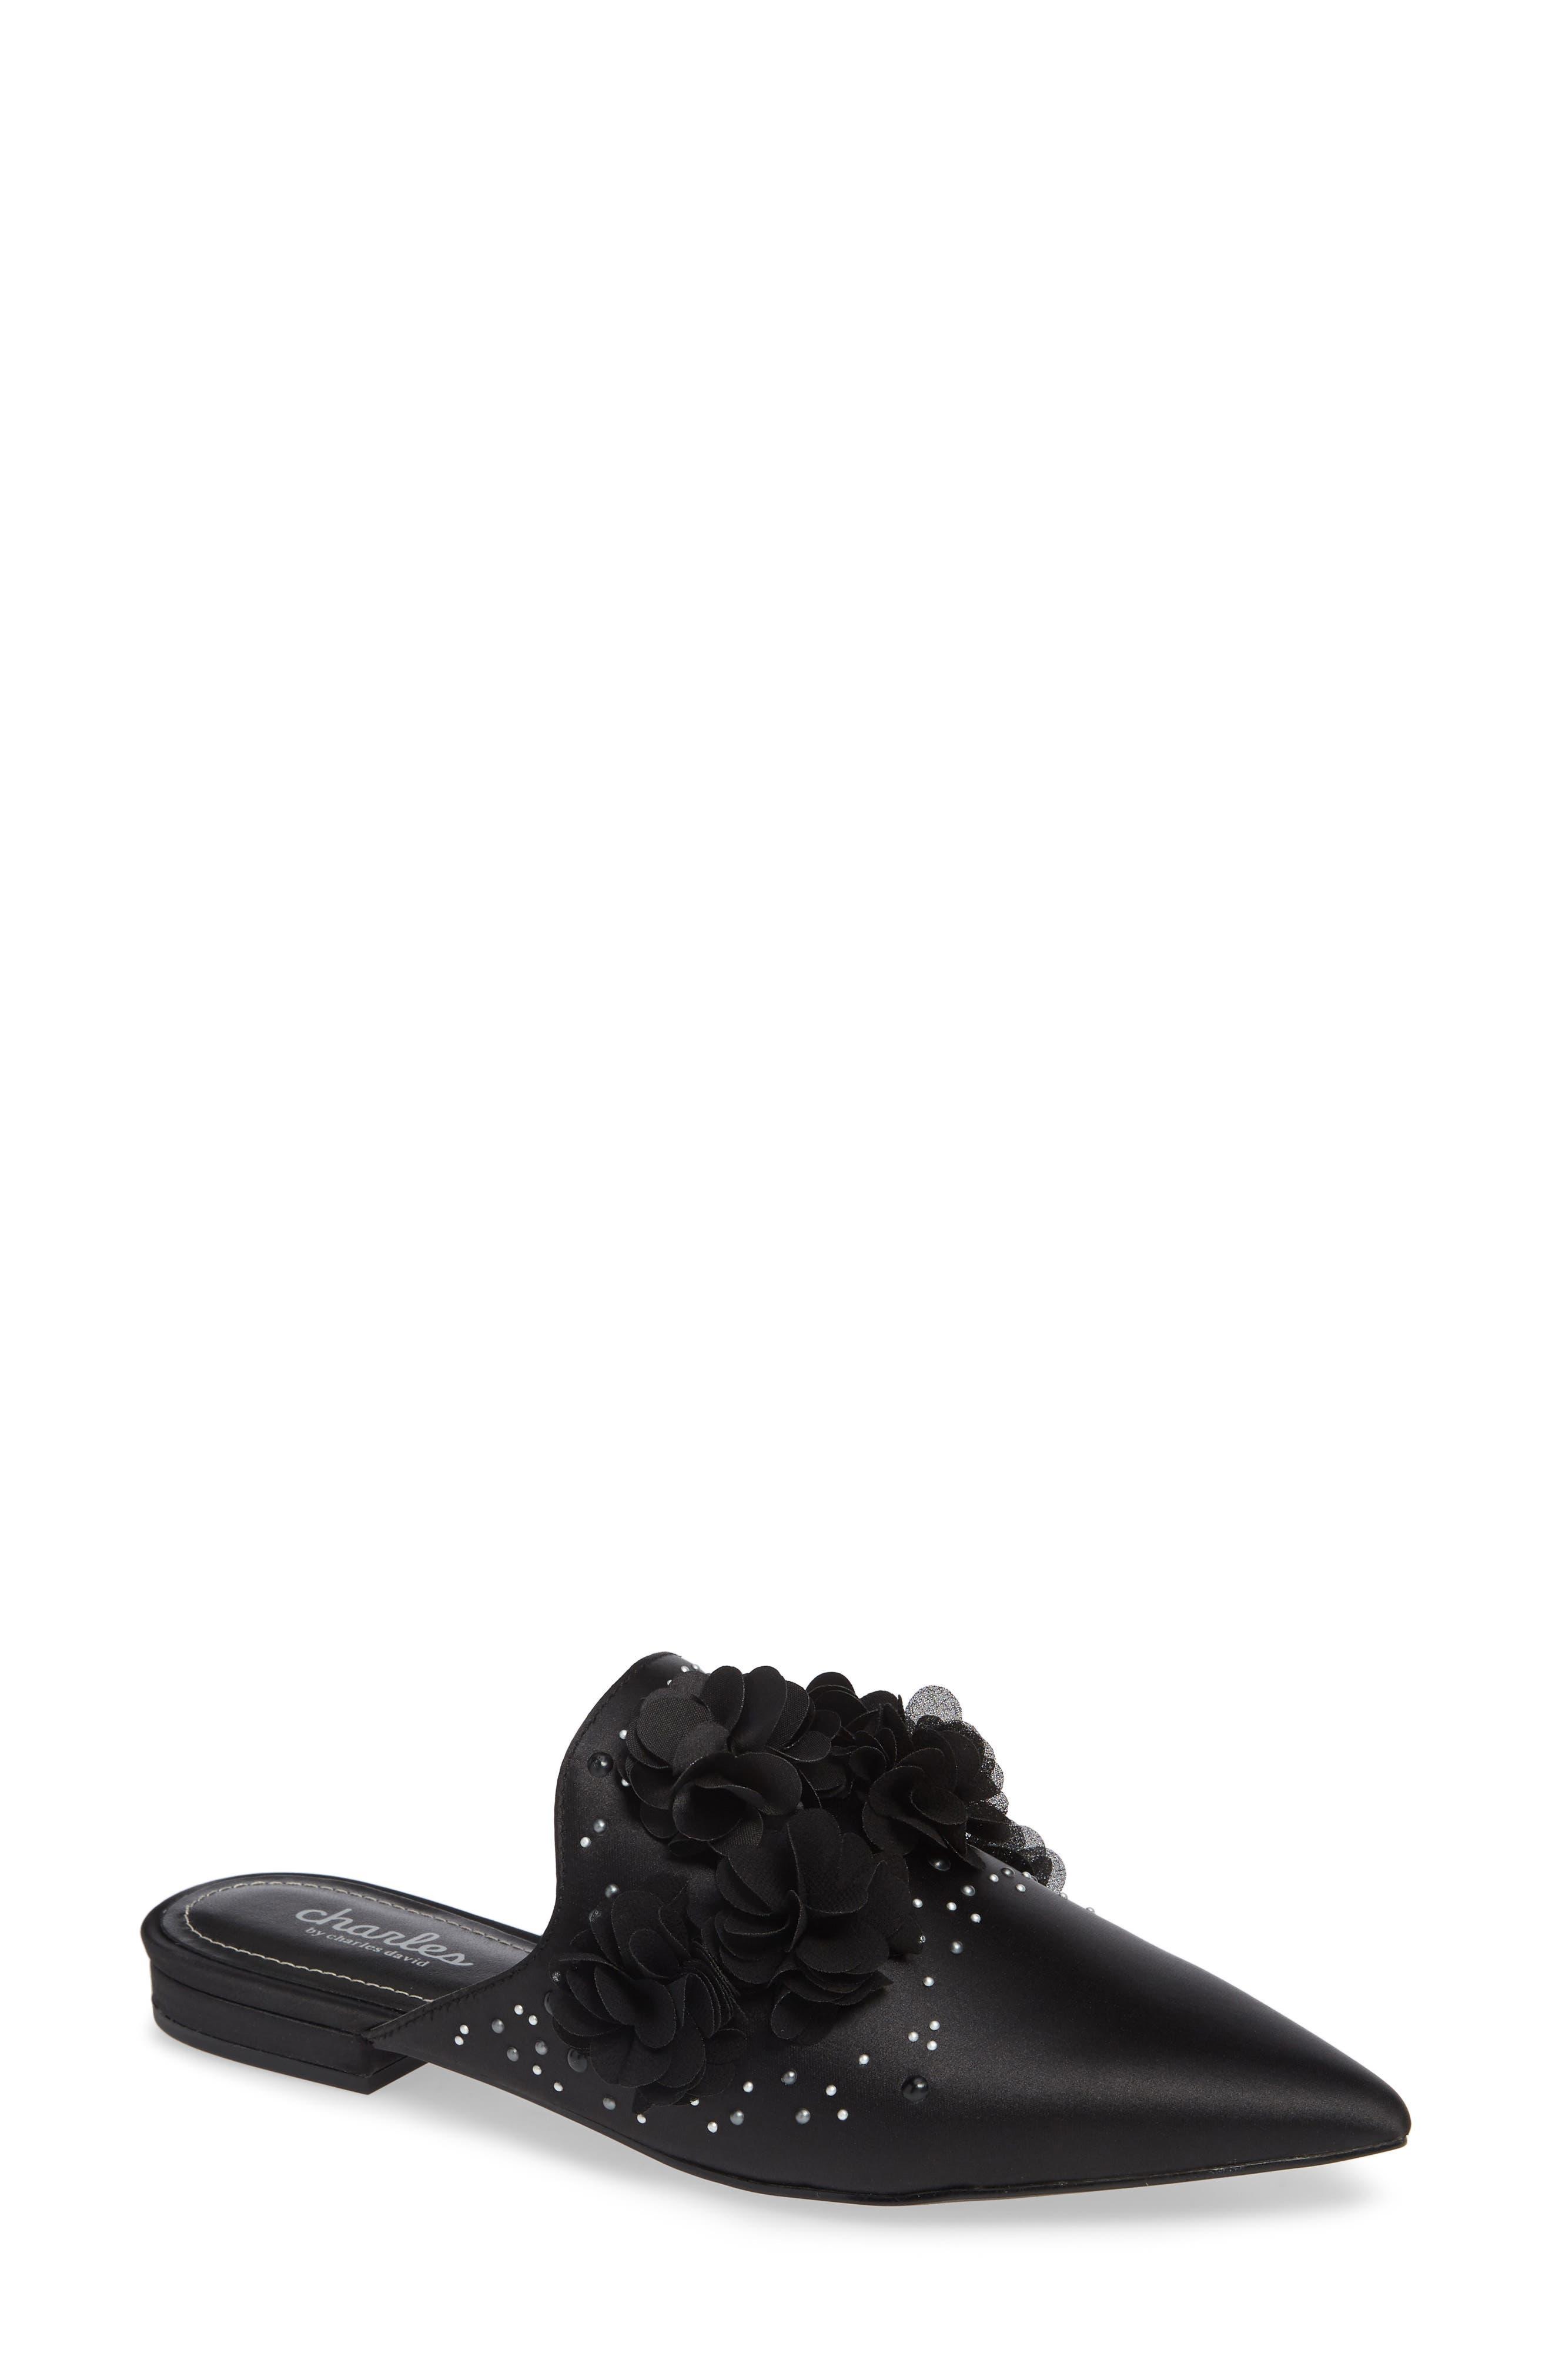 CHARLES BY CHARLES DAVID Wesley Flower Applique Satin Embellished Sandals in Black